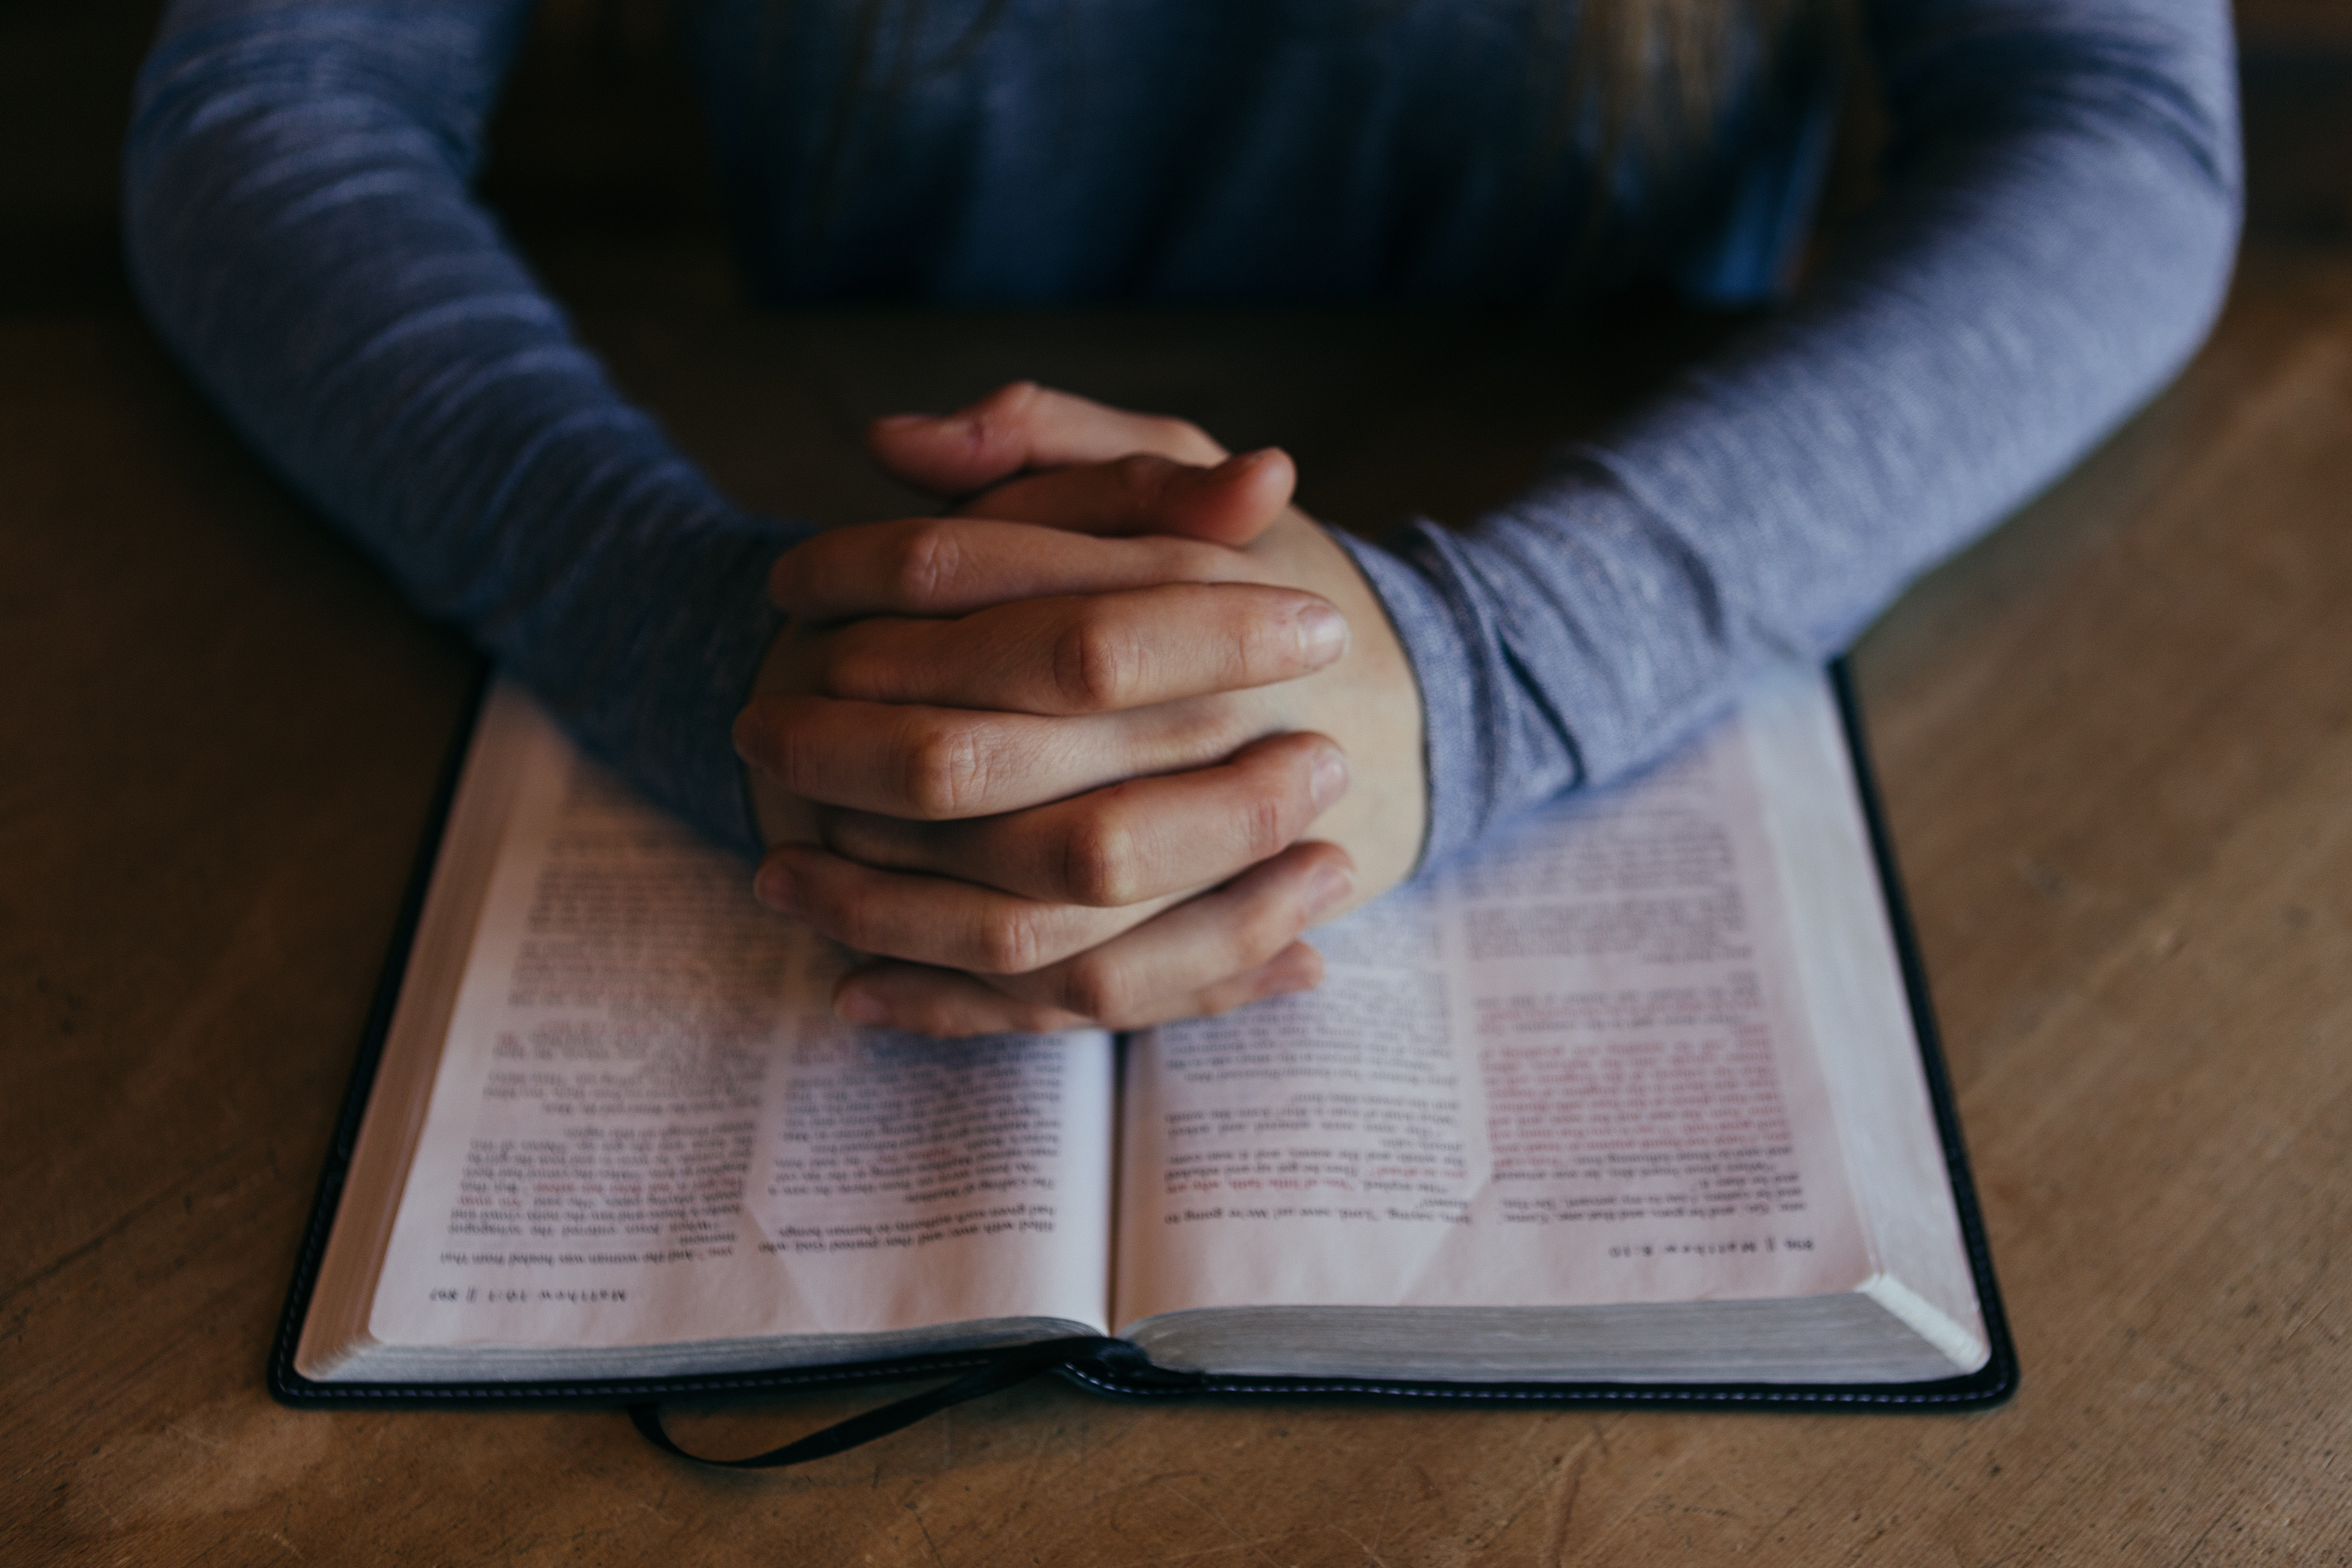 gefaltete Hände über einer aufgeschlagenen Bibel